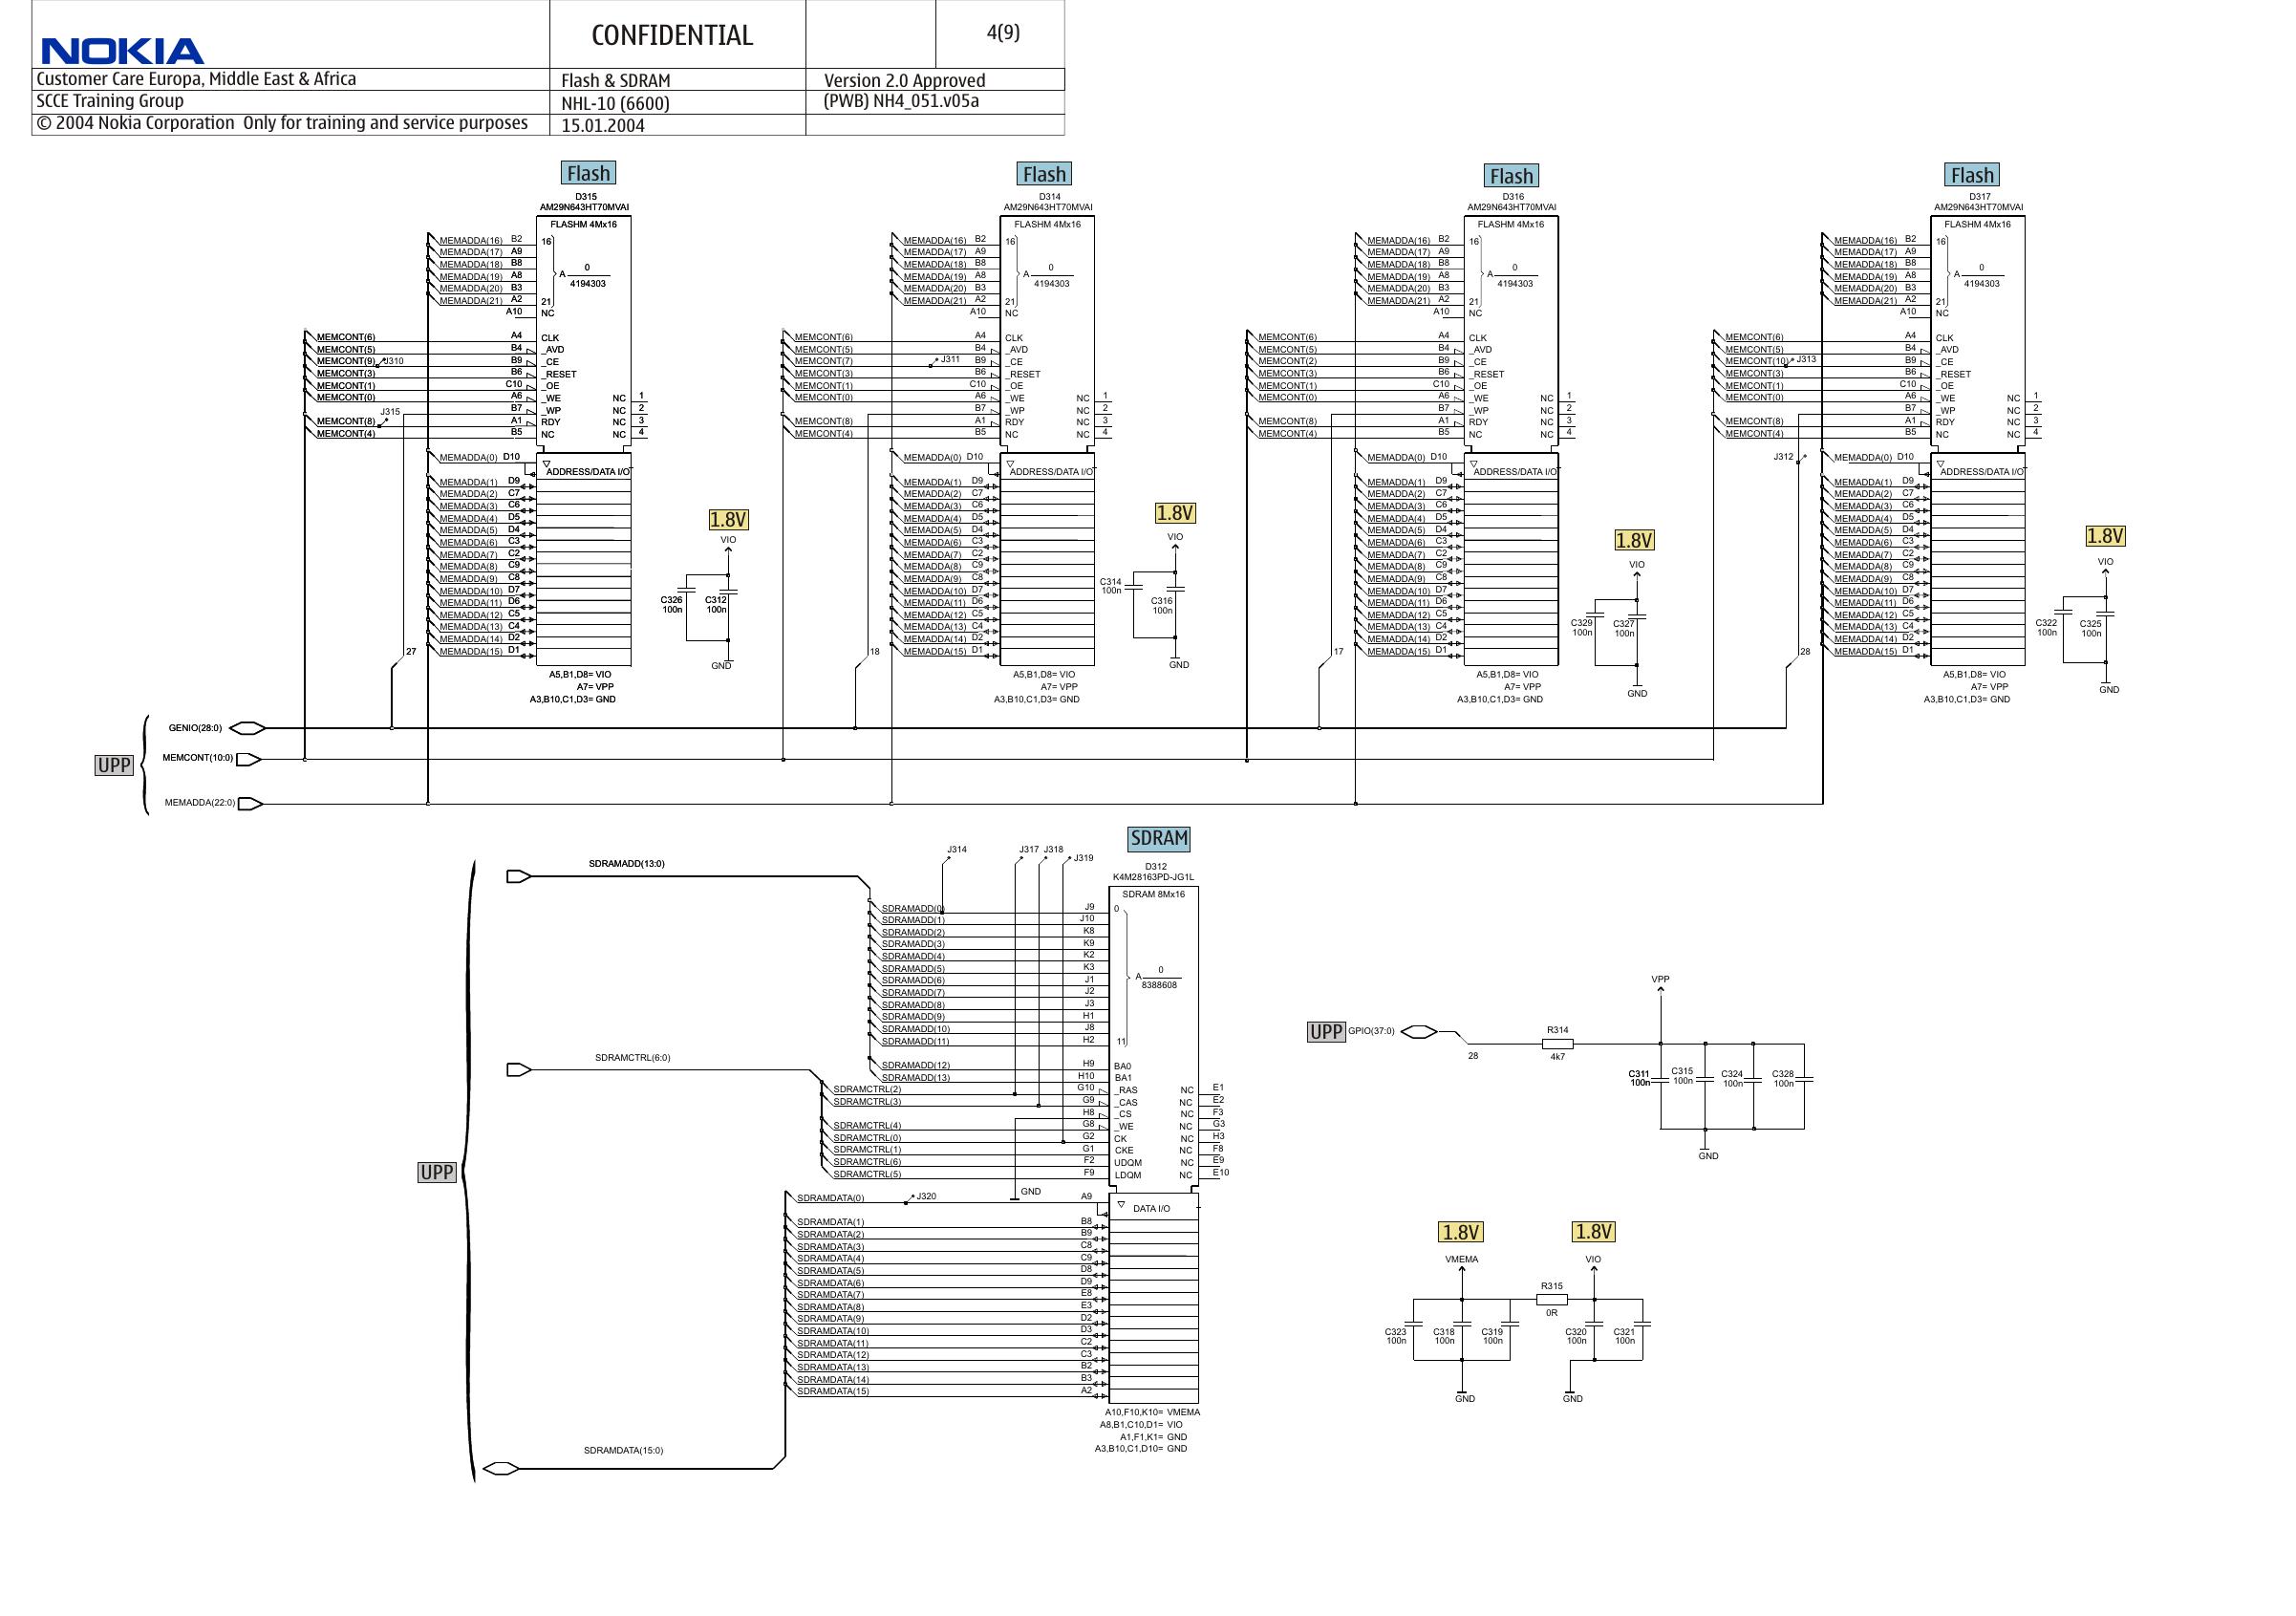 6600_NHL 10_schematics_2_0 Nokia 6600 Nhl 10 Schematics